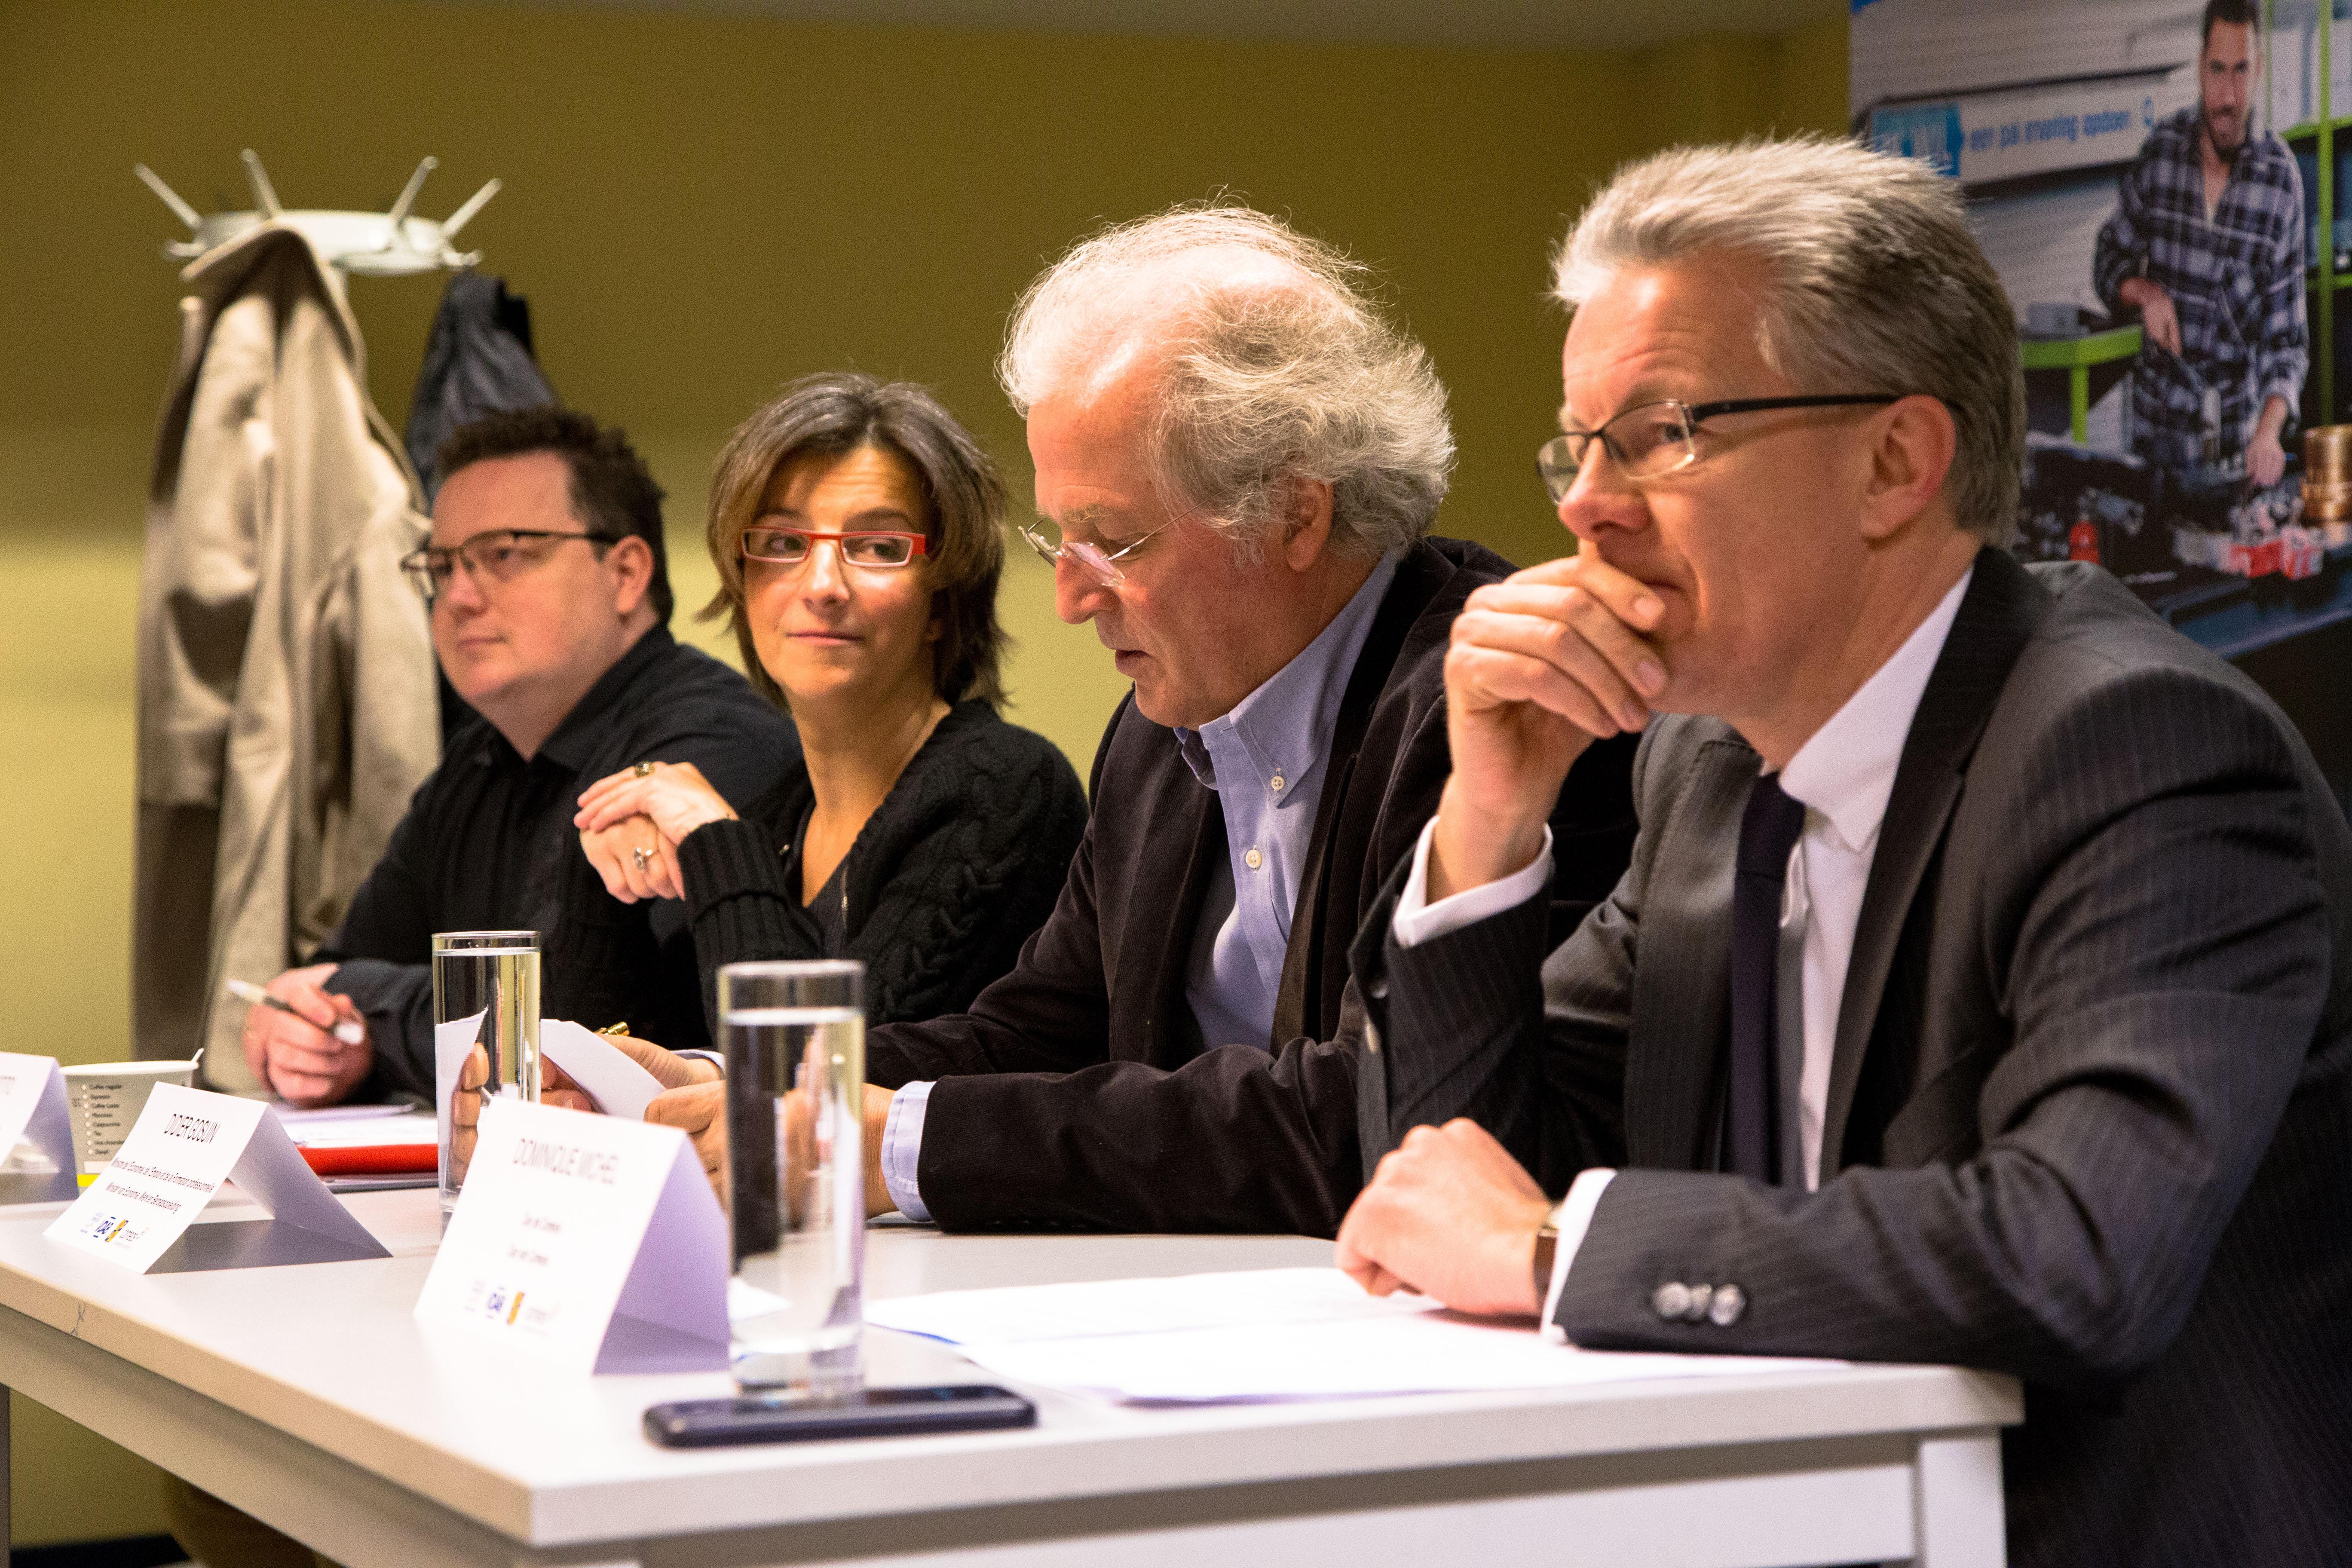 In dit premi re formation en vente bilingue bruxelles didier gosuin - Cabinet recrutement bruxelles ...